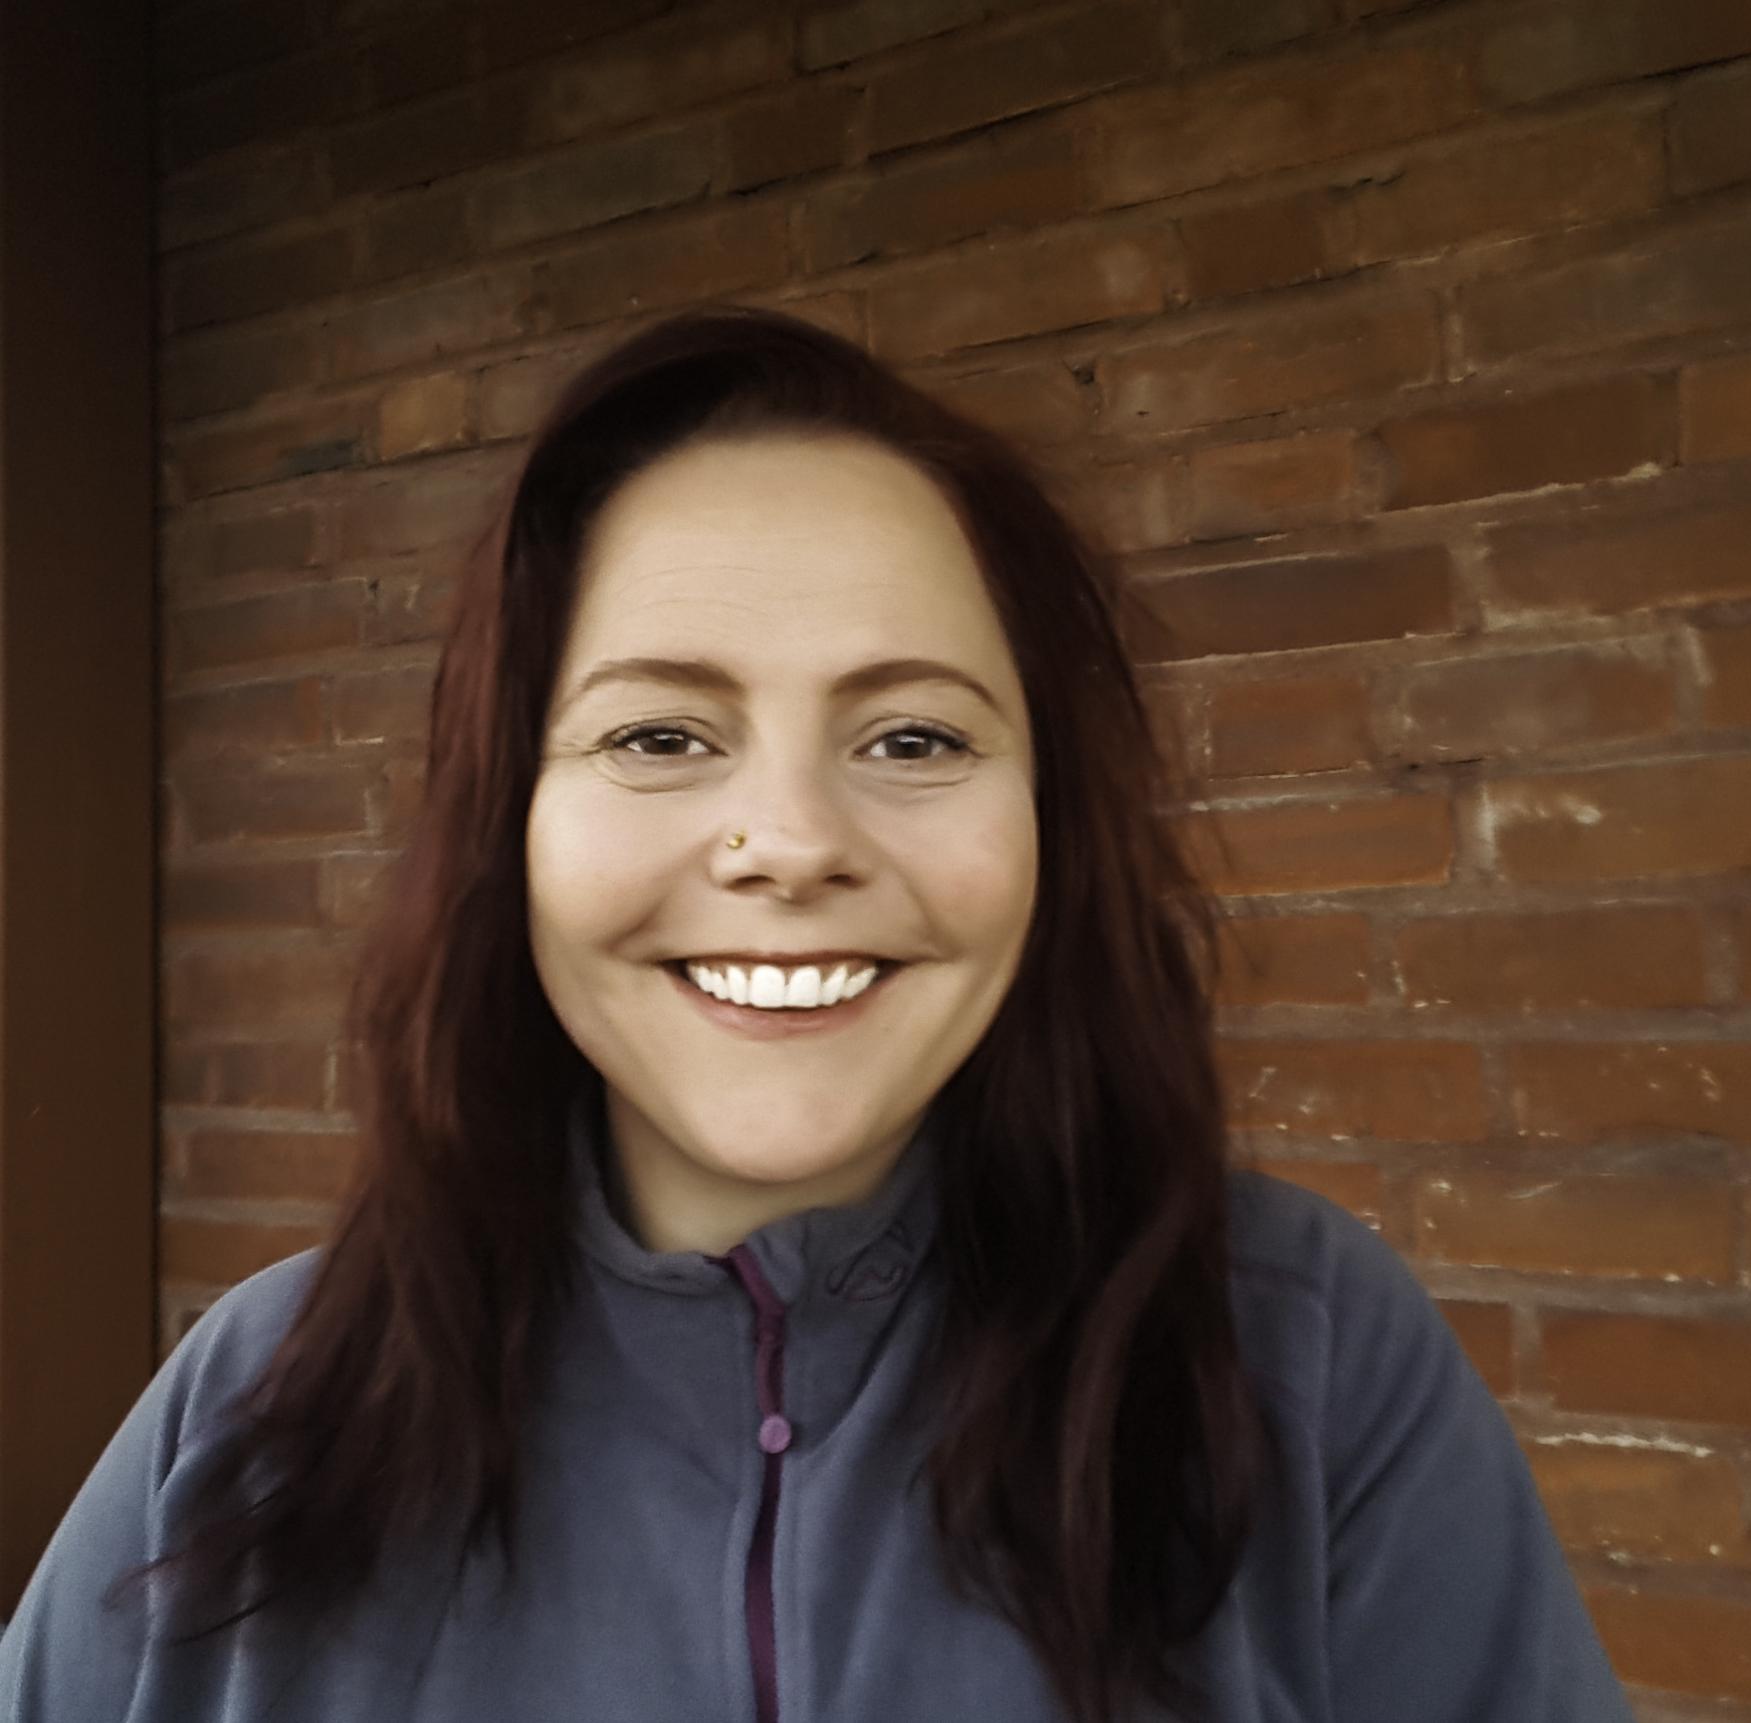 Et portrett av en smilende kvinne med langt mørkt hår mot en teglsteinsbakgrunn.